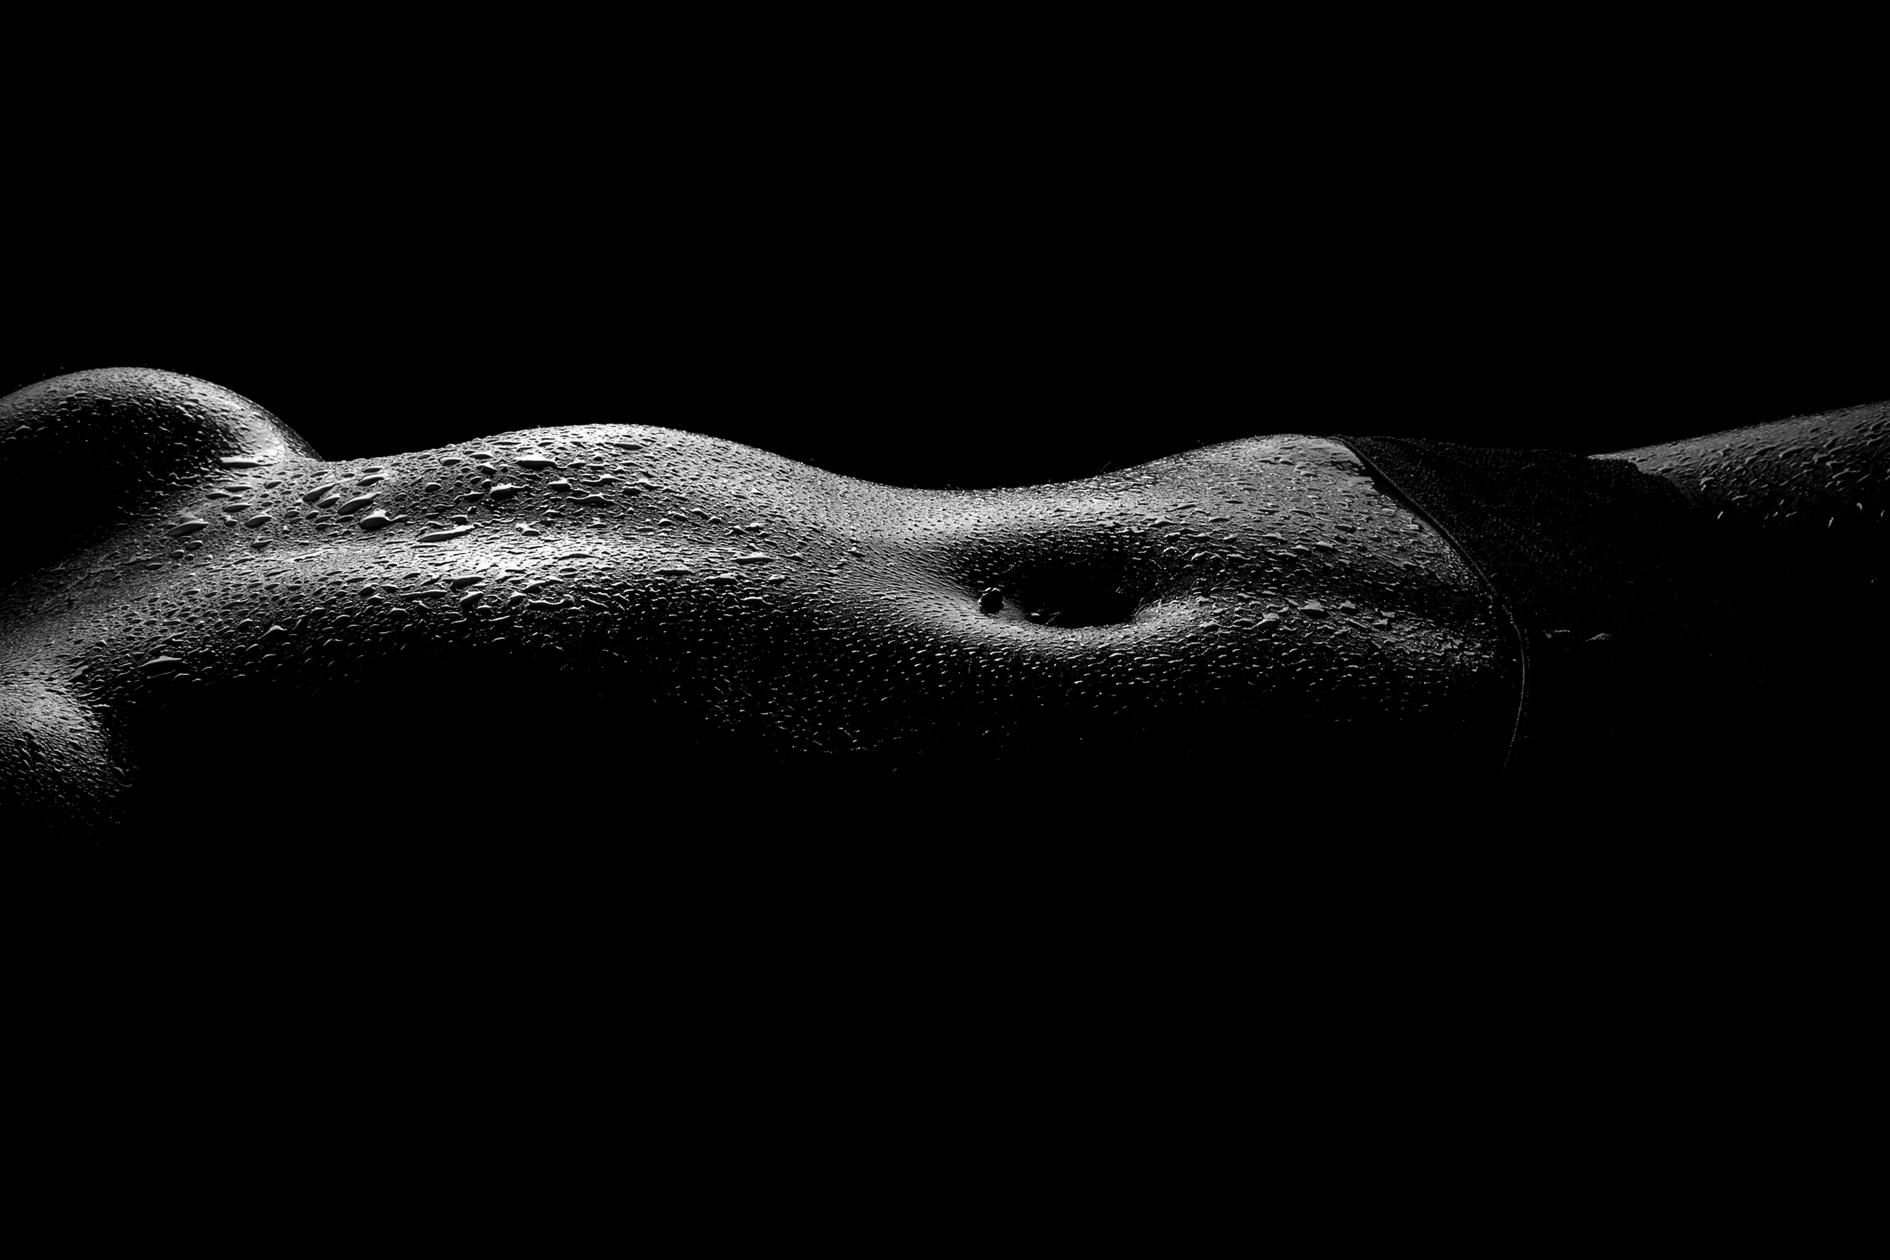 Low-key / Nude Art